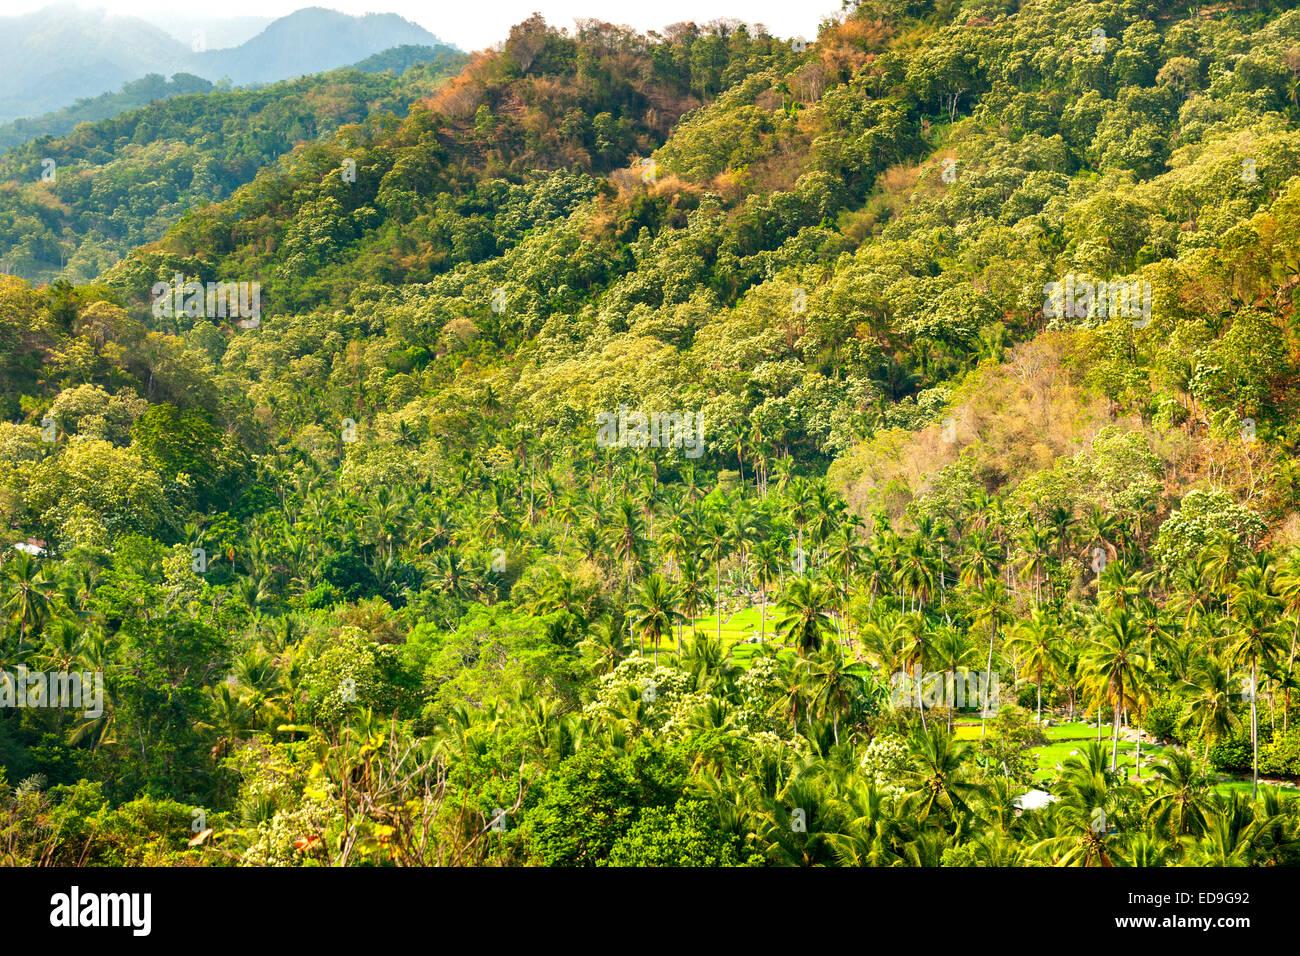 Paysage paysage entre les villes de Maumere Moni et sur l'île de Flores, en Indonésie. Photo Stock